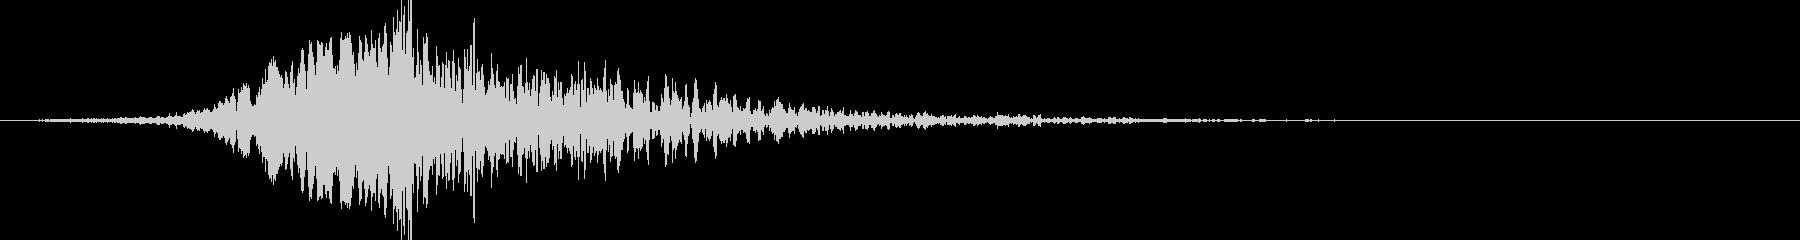 どーん:オープニングロゴなどの締めの音3の未再生の波形